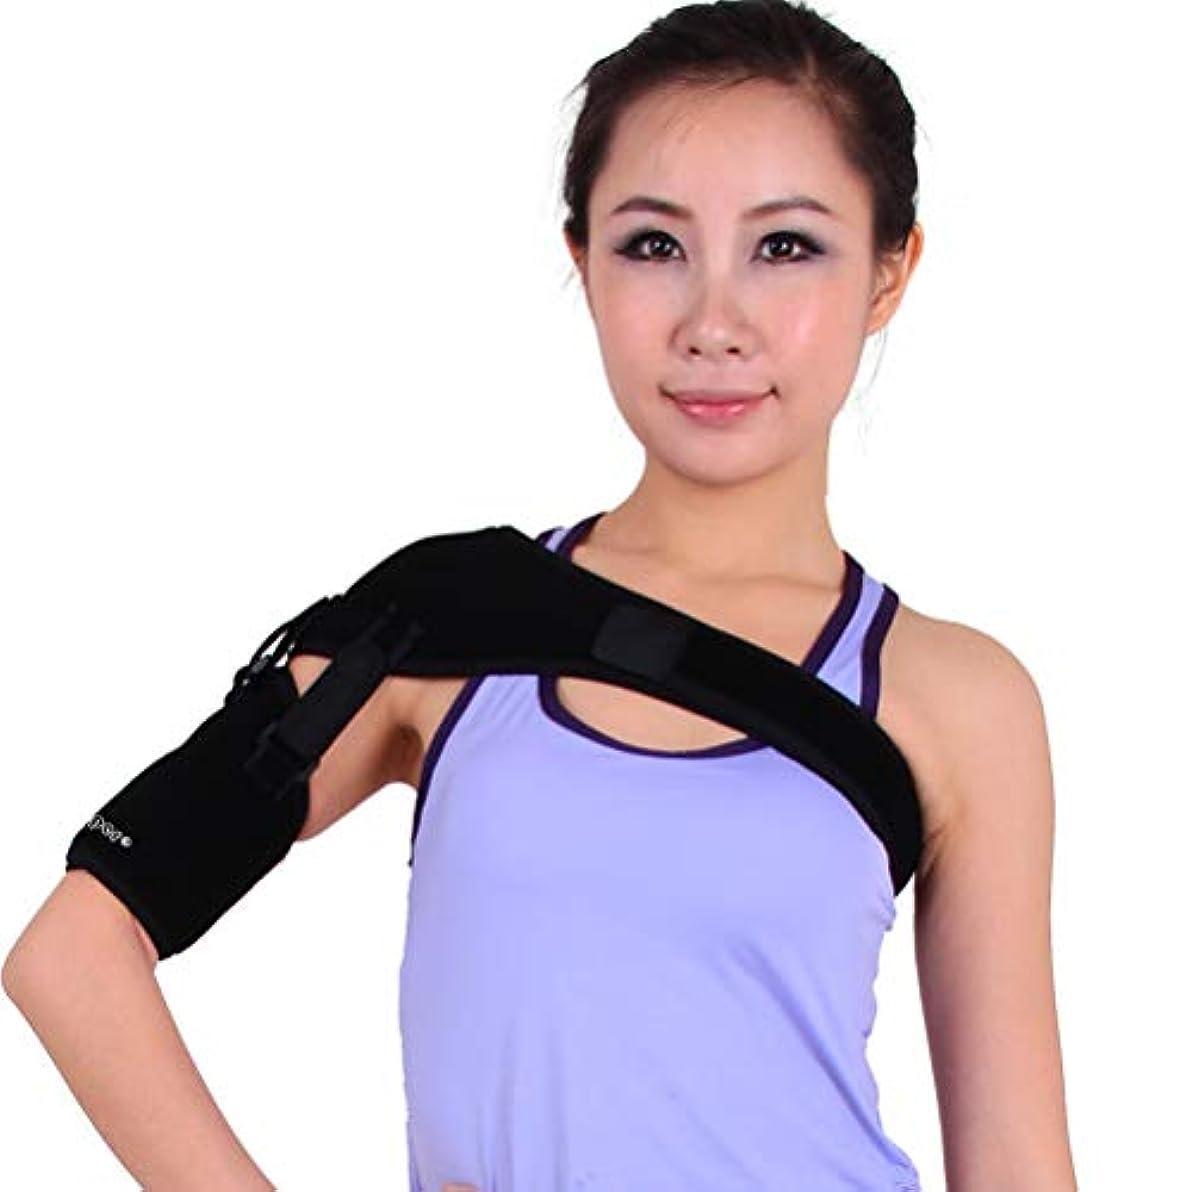 スリーブドラッグ中央値SUPVOX ショルダーサポート右腕スリング調整可能な肘サポートメッシュブレース医療用スリングストラップ固定具用スポーツ壊れた骨折したアーム黒